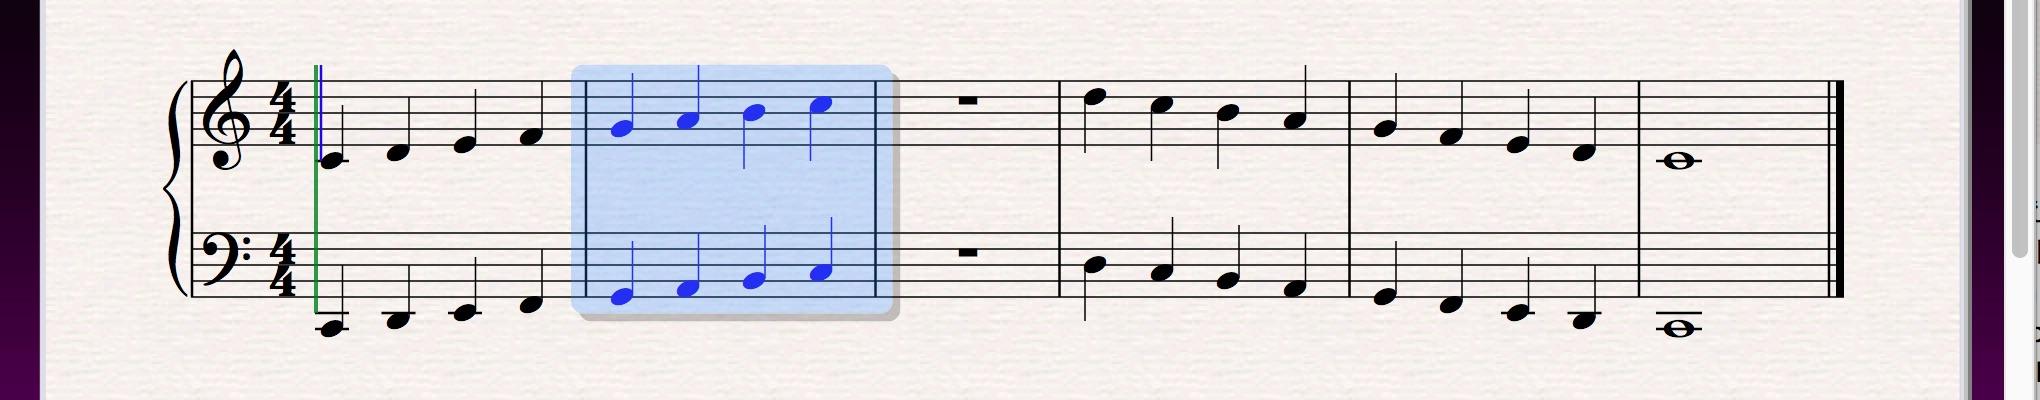 無題_と_Sibeliusの使い方初級_侘美_—_Evernote